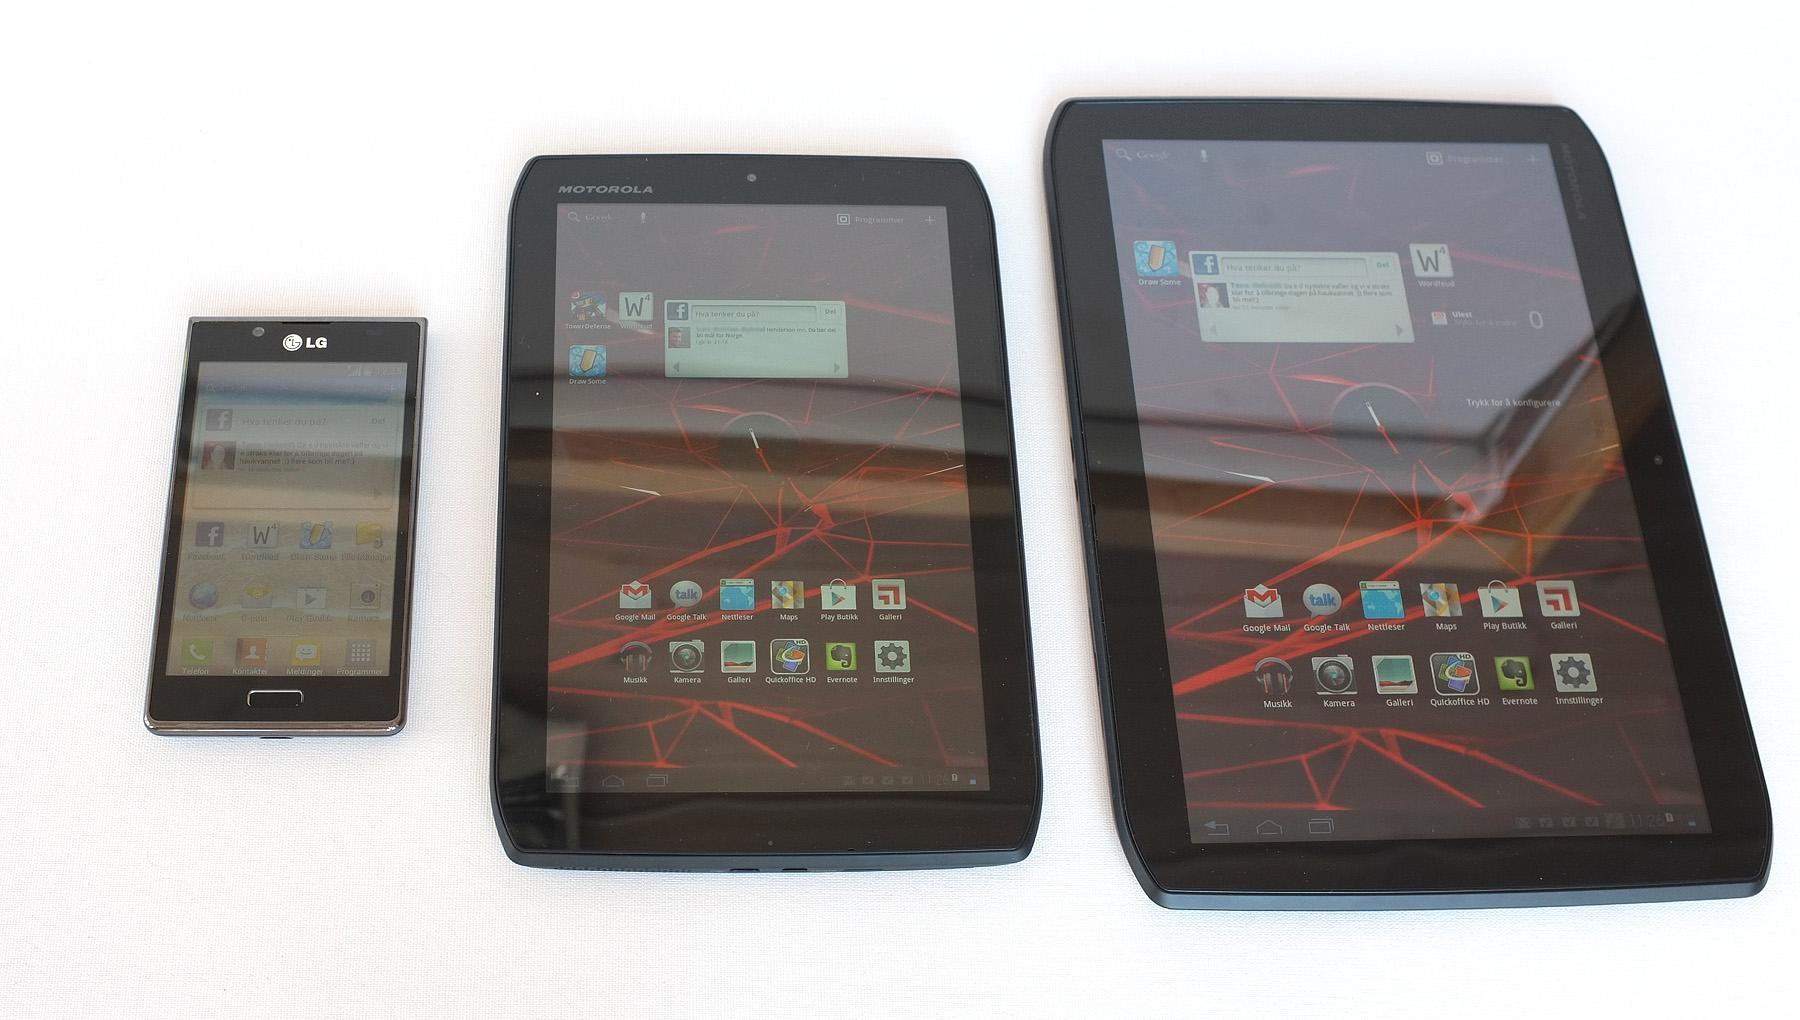 Xoom 2 og Xoom 2 Media Edition ved siden av en vanlig mobiltelefon.Foto: Audun M. Solheim